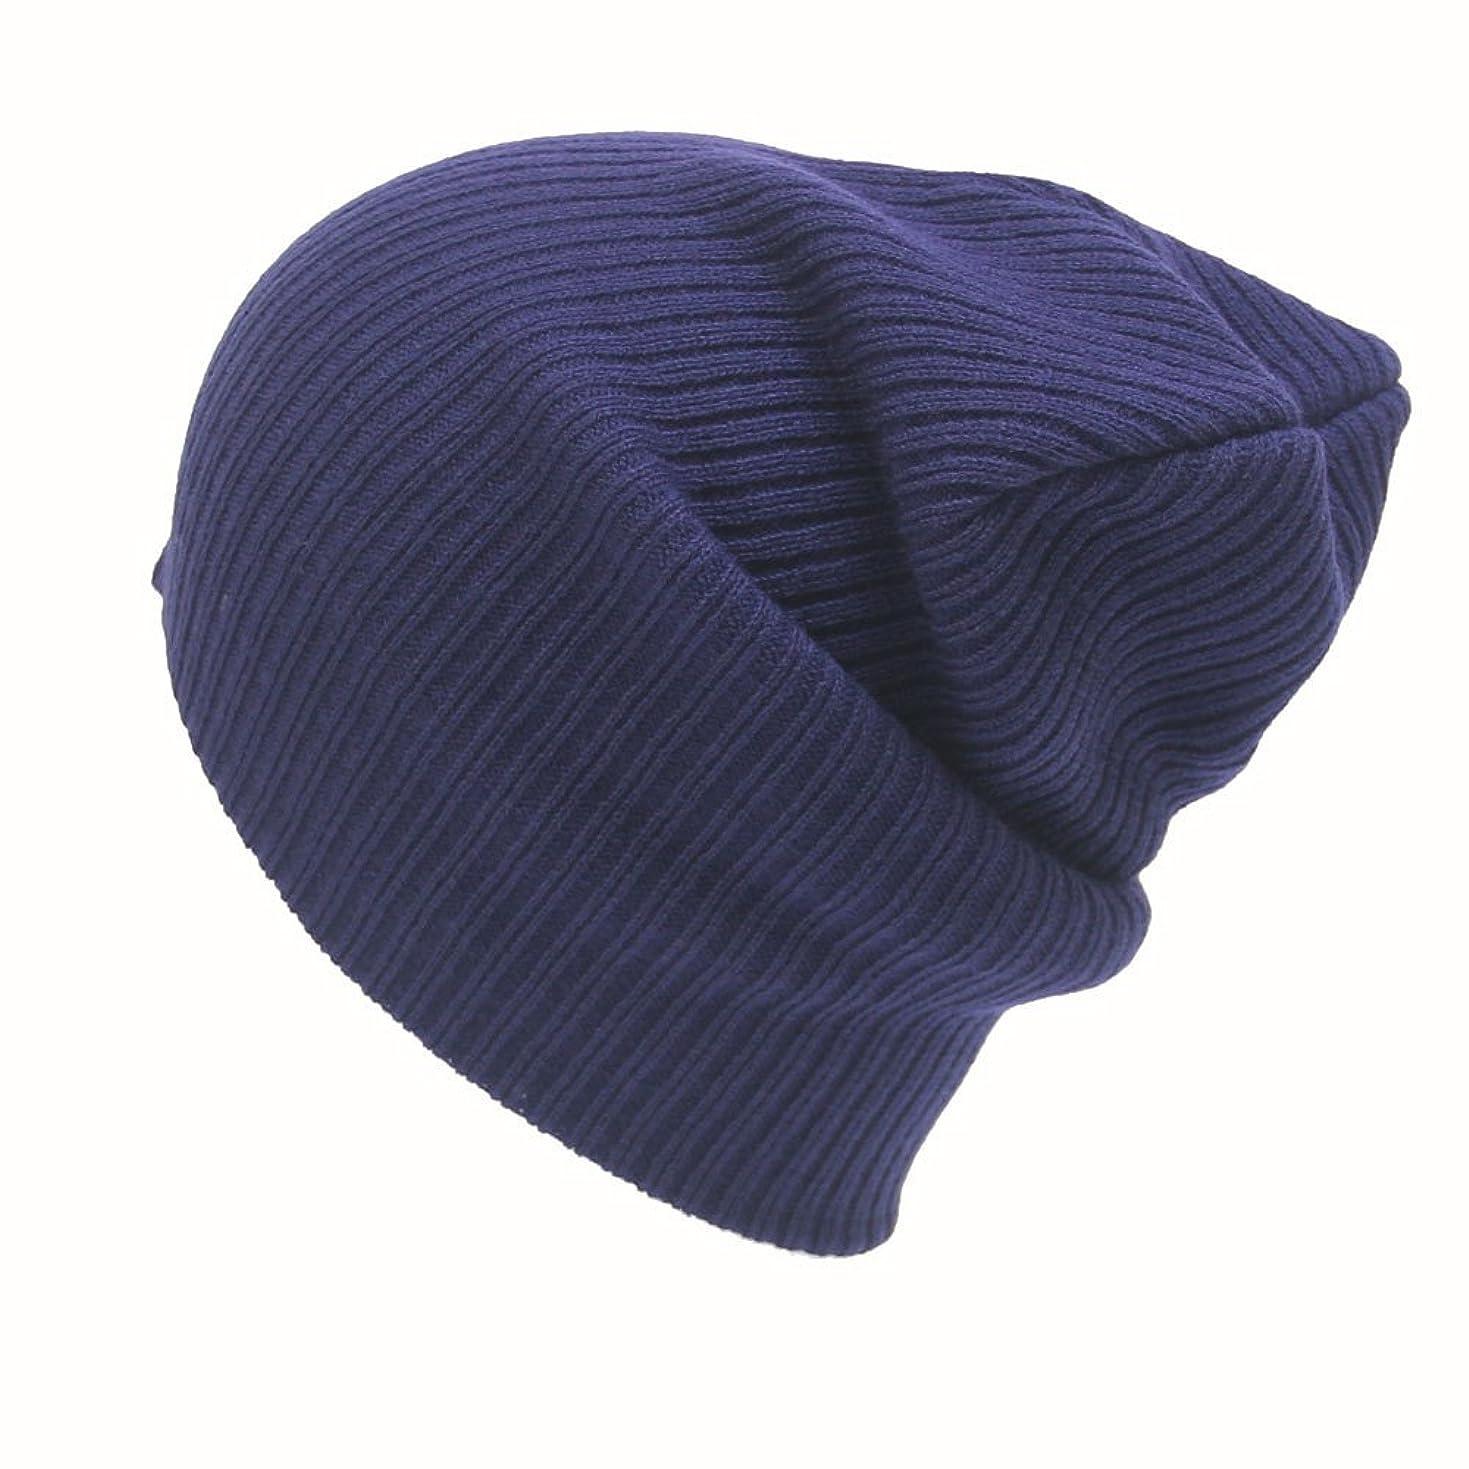 石灰岩潮終わりRacazing 選べる7色 ニット帽 編み物 ストライプ ニット帽 防寒対策 通気性のある 防風 暖かい 軽量 屋外 スキー 自転車 クリスマス Hat 男女兼用 (ネービー)